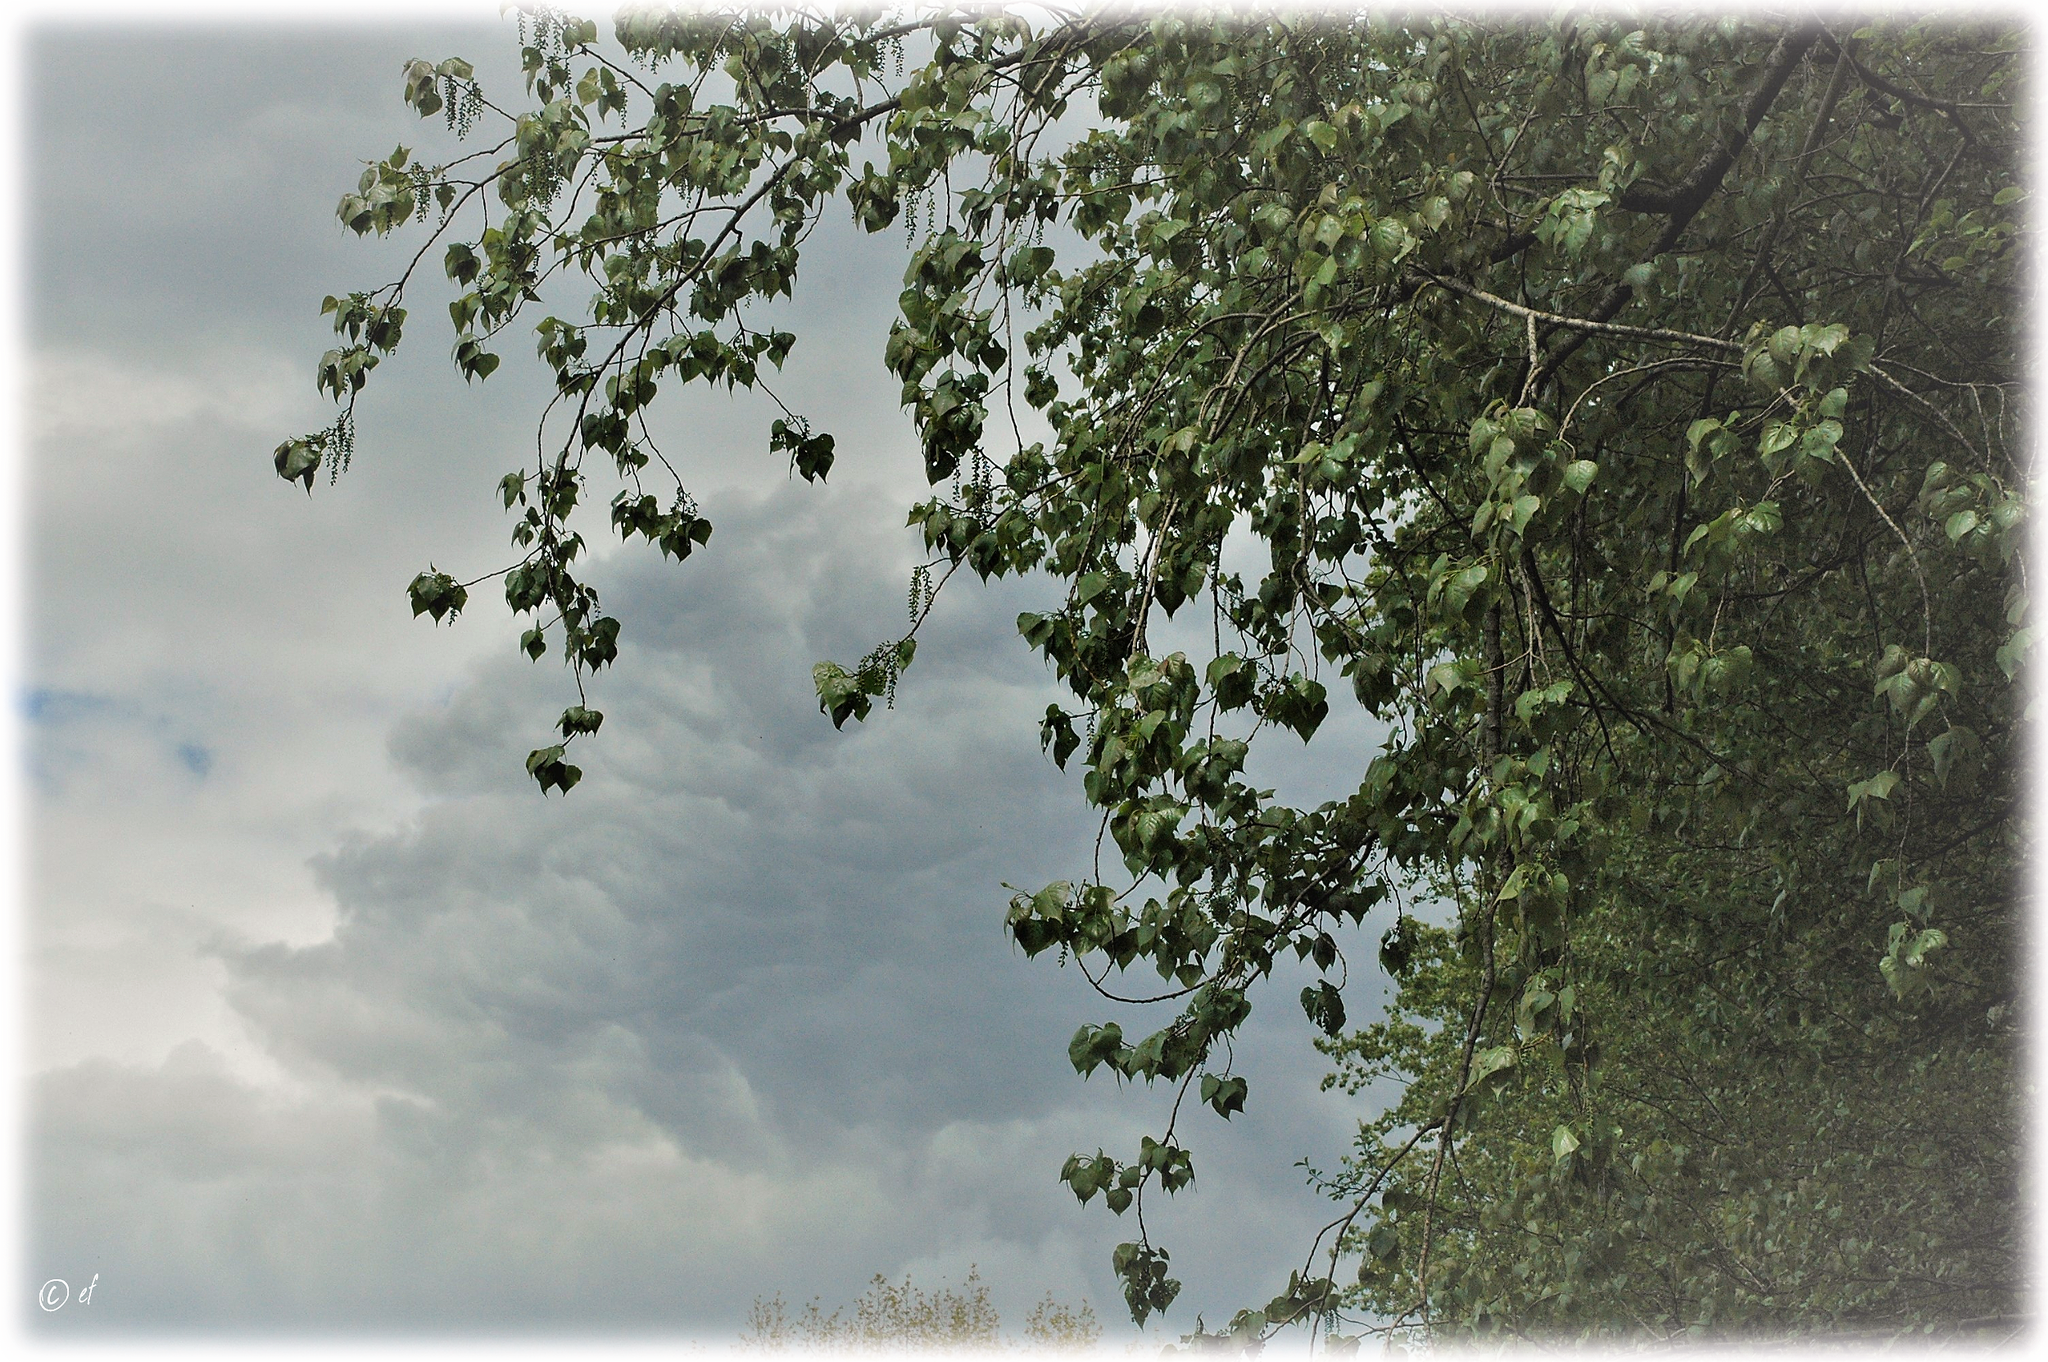 Der Schein: Wenn Blätter den Himmel berühren